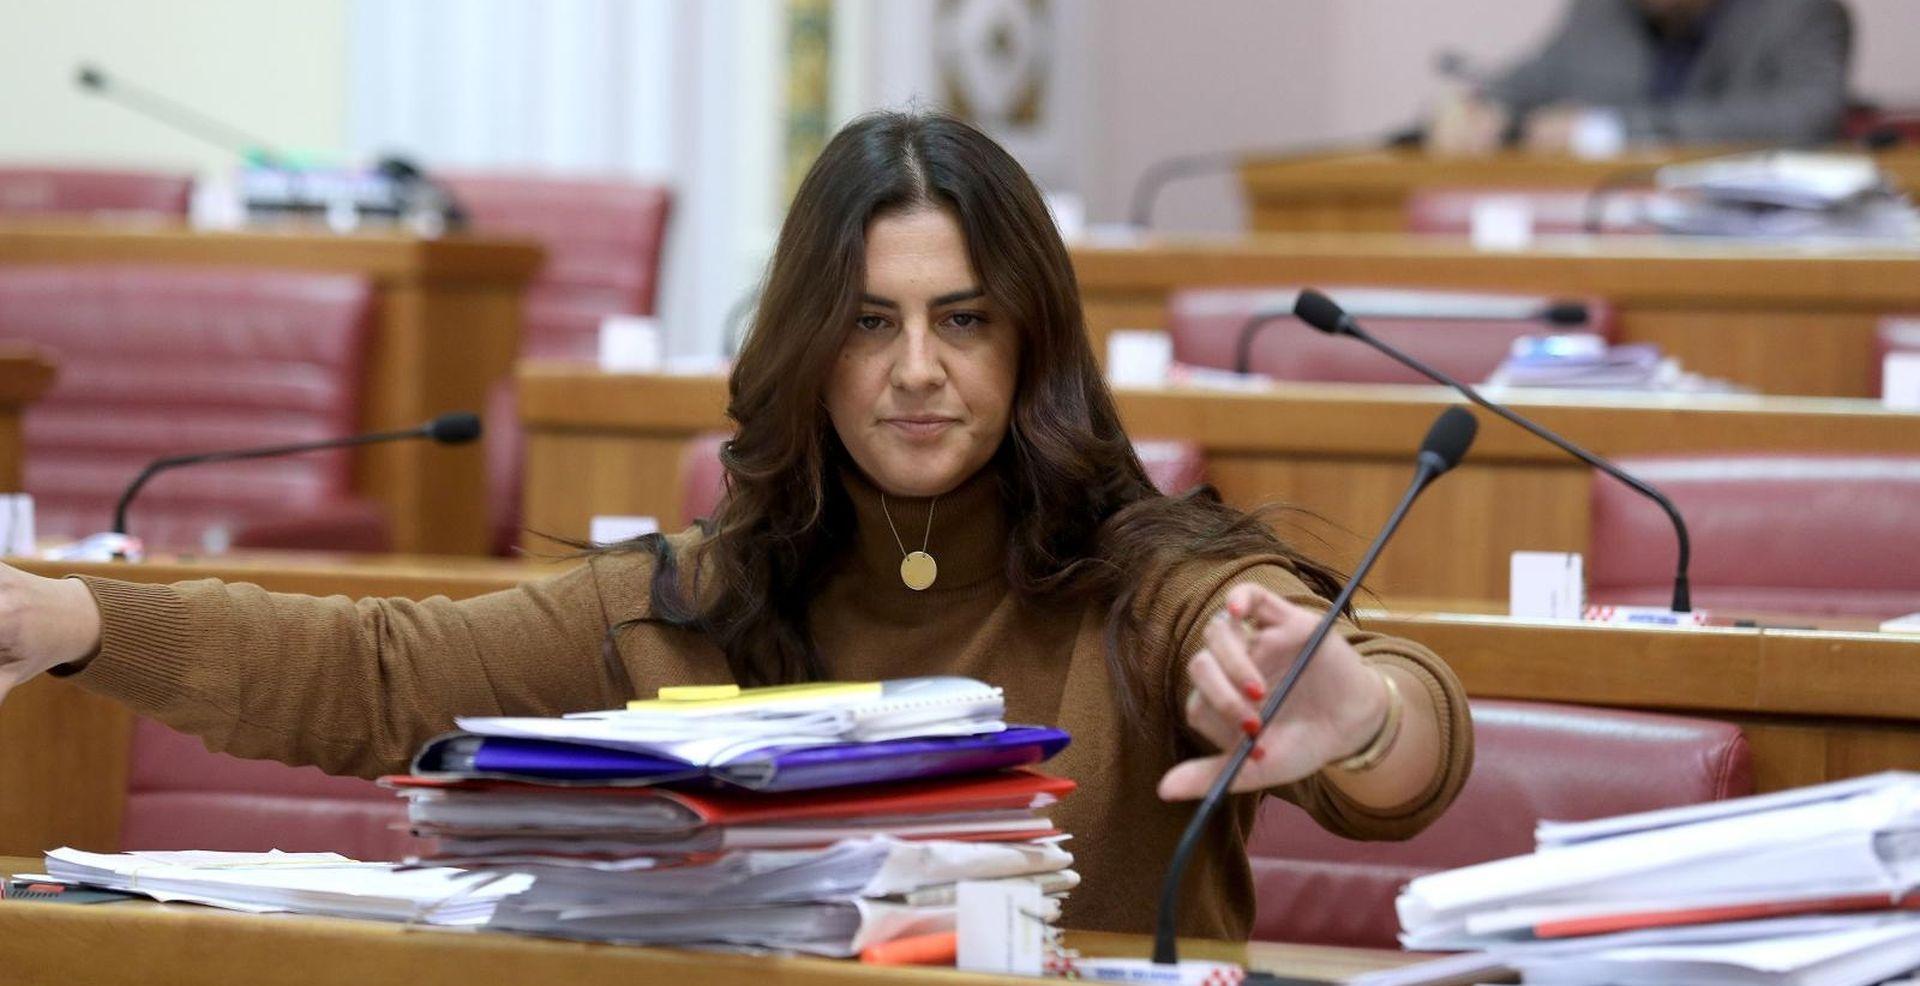 NALAZ INSPEKCIJE Ninčević Lesandrić primila lokalnu anesteziju